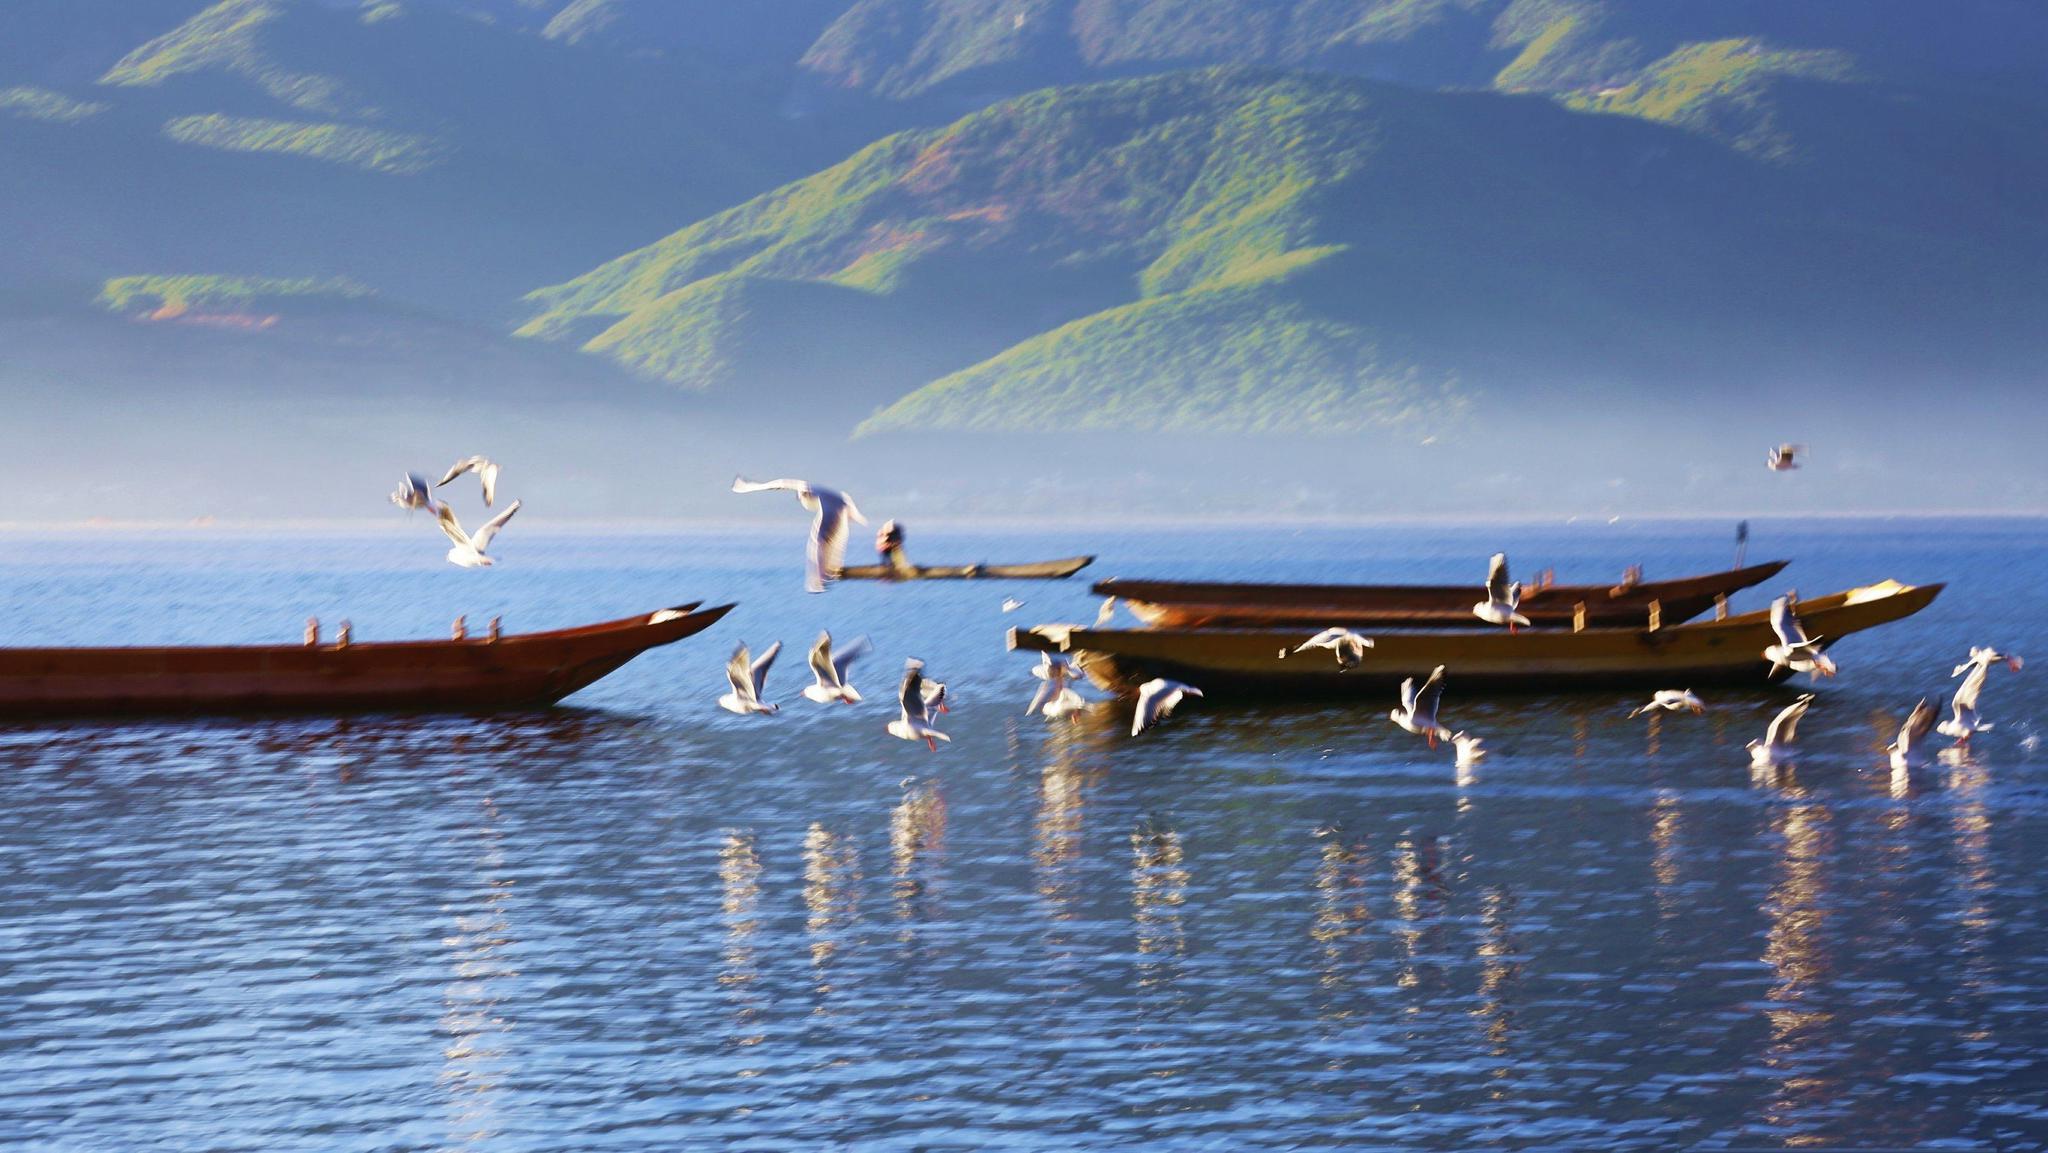 泸沽湖,一步一美景,去过了心就不曾离开。